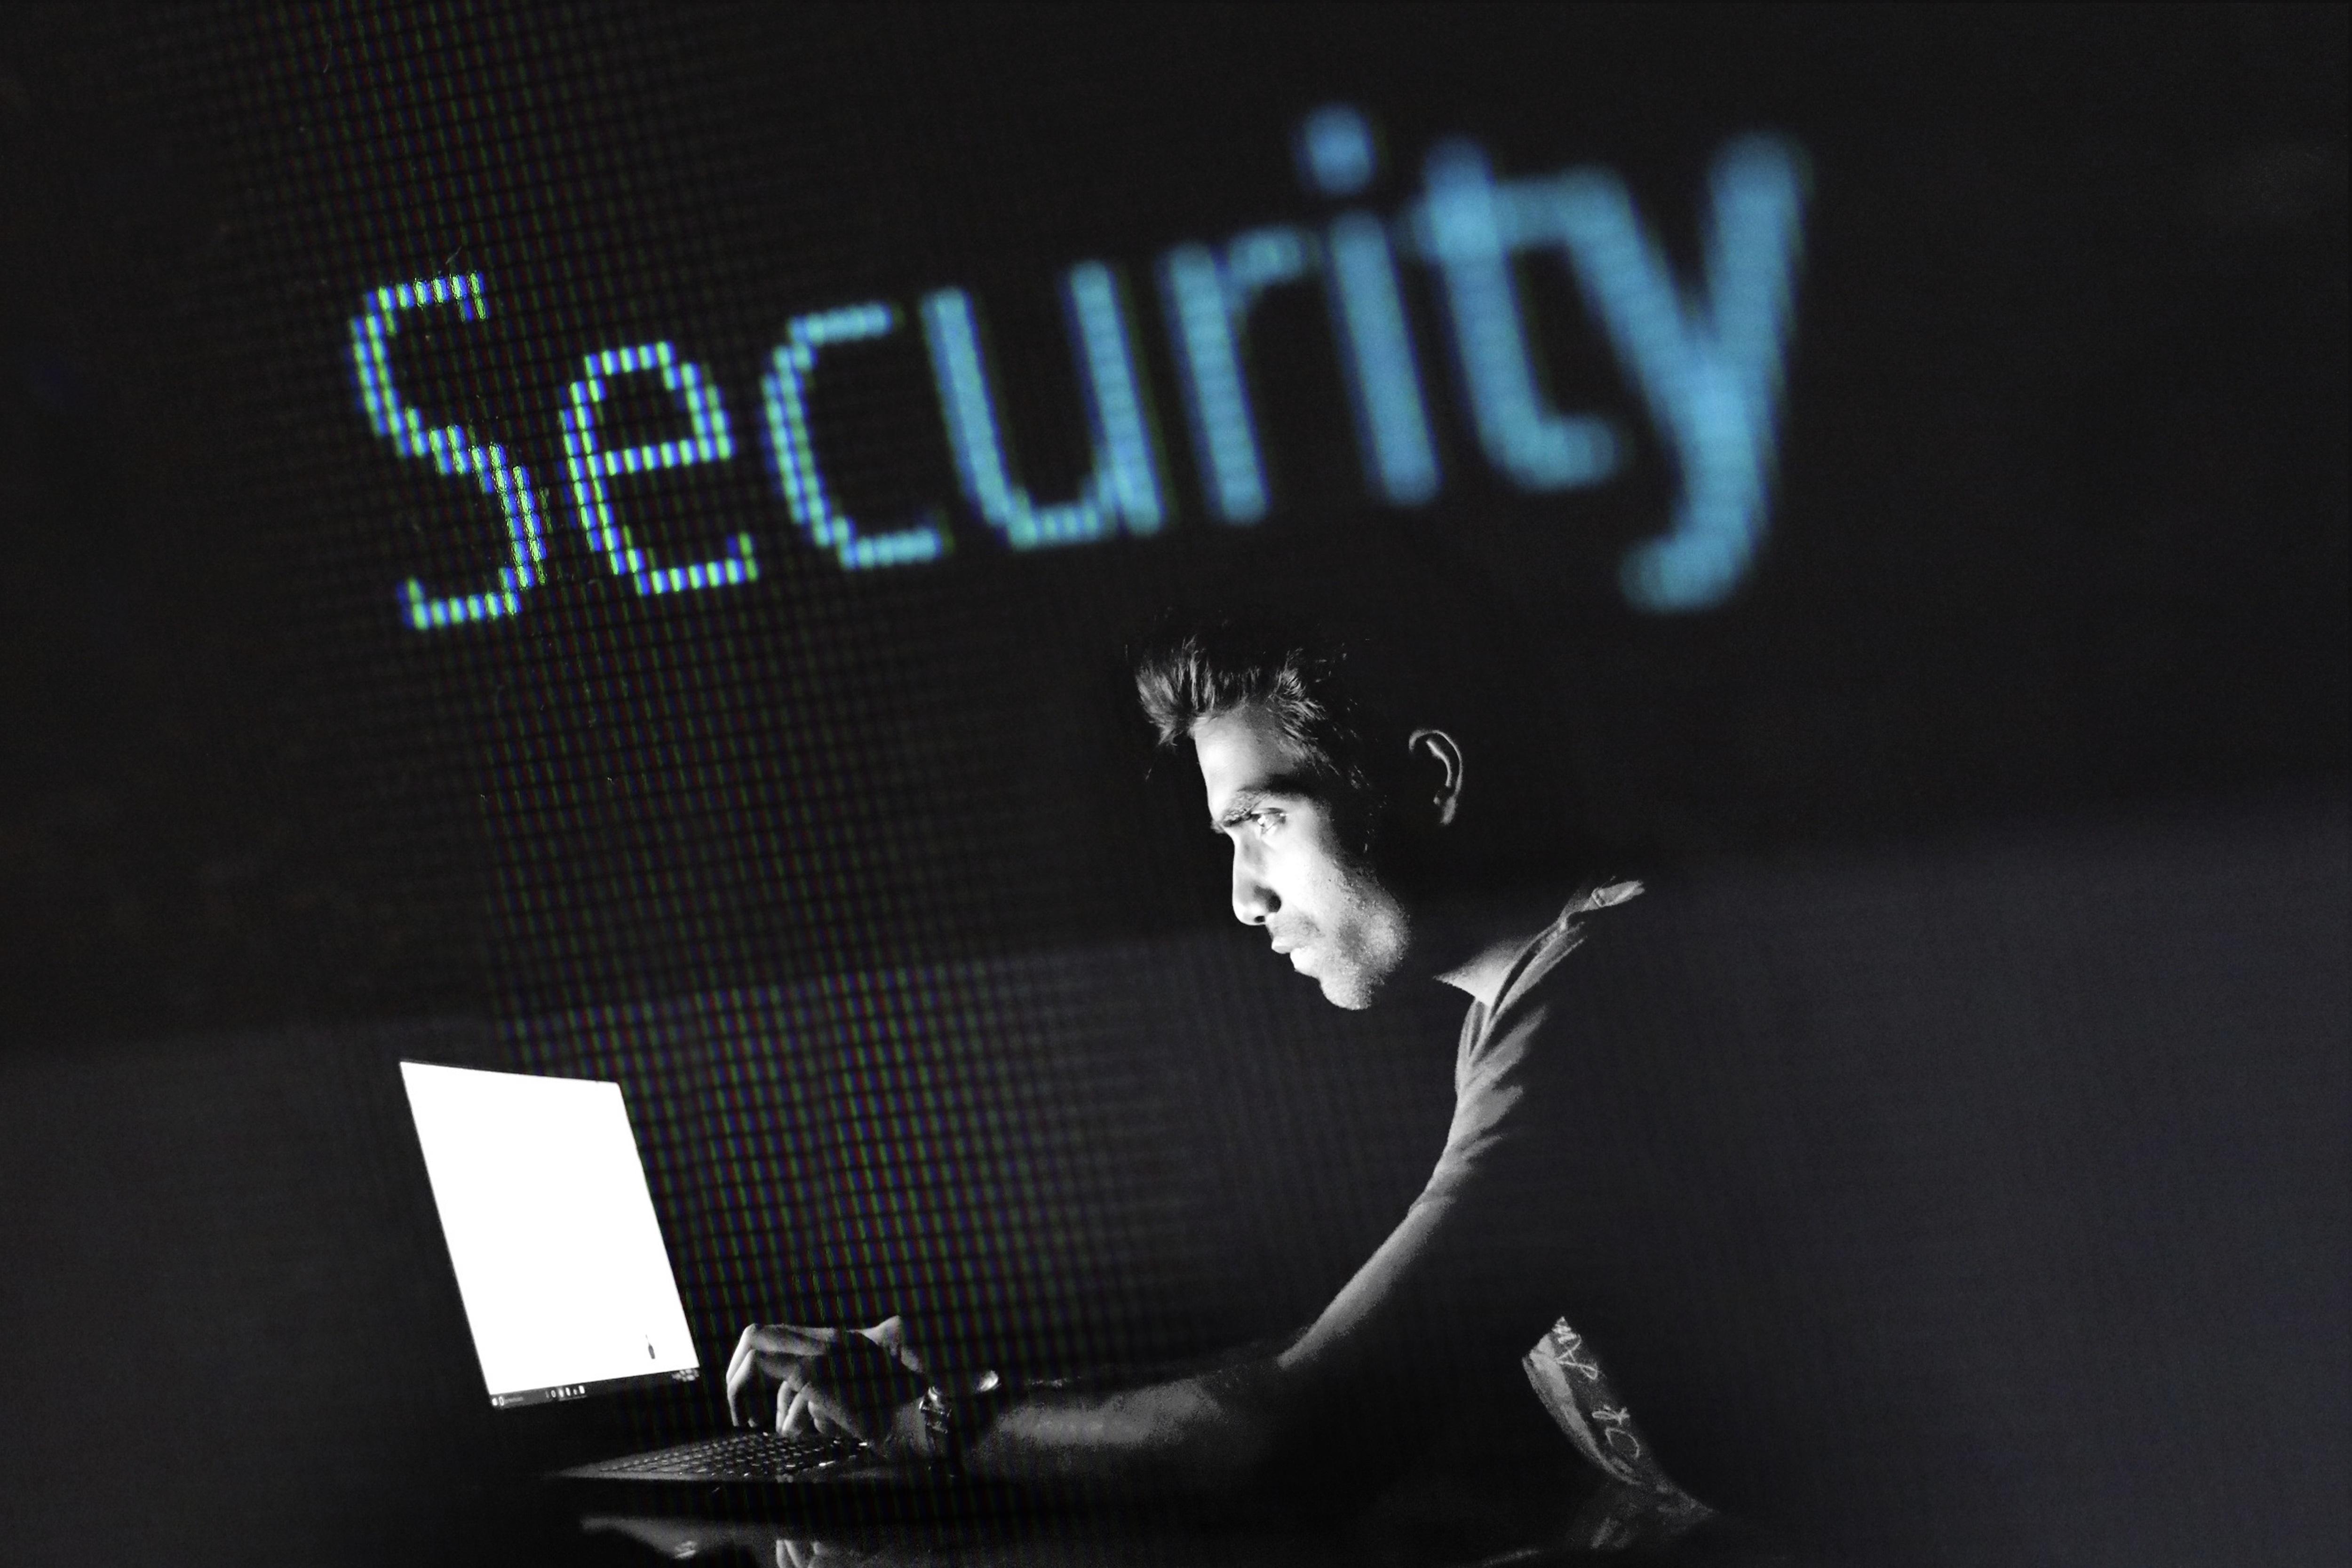 איש חוקר במחשב נייד עם סימן אבטחה